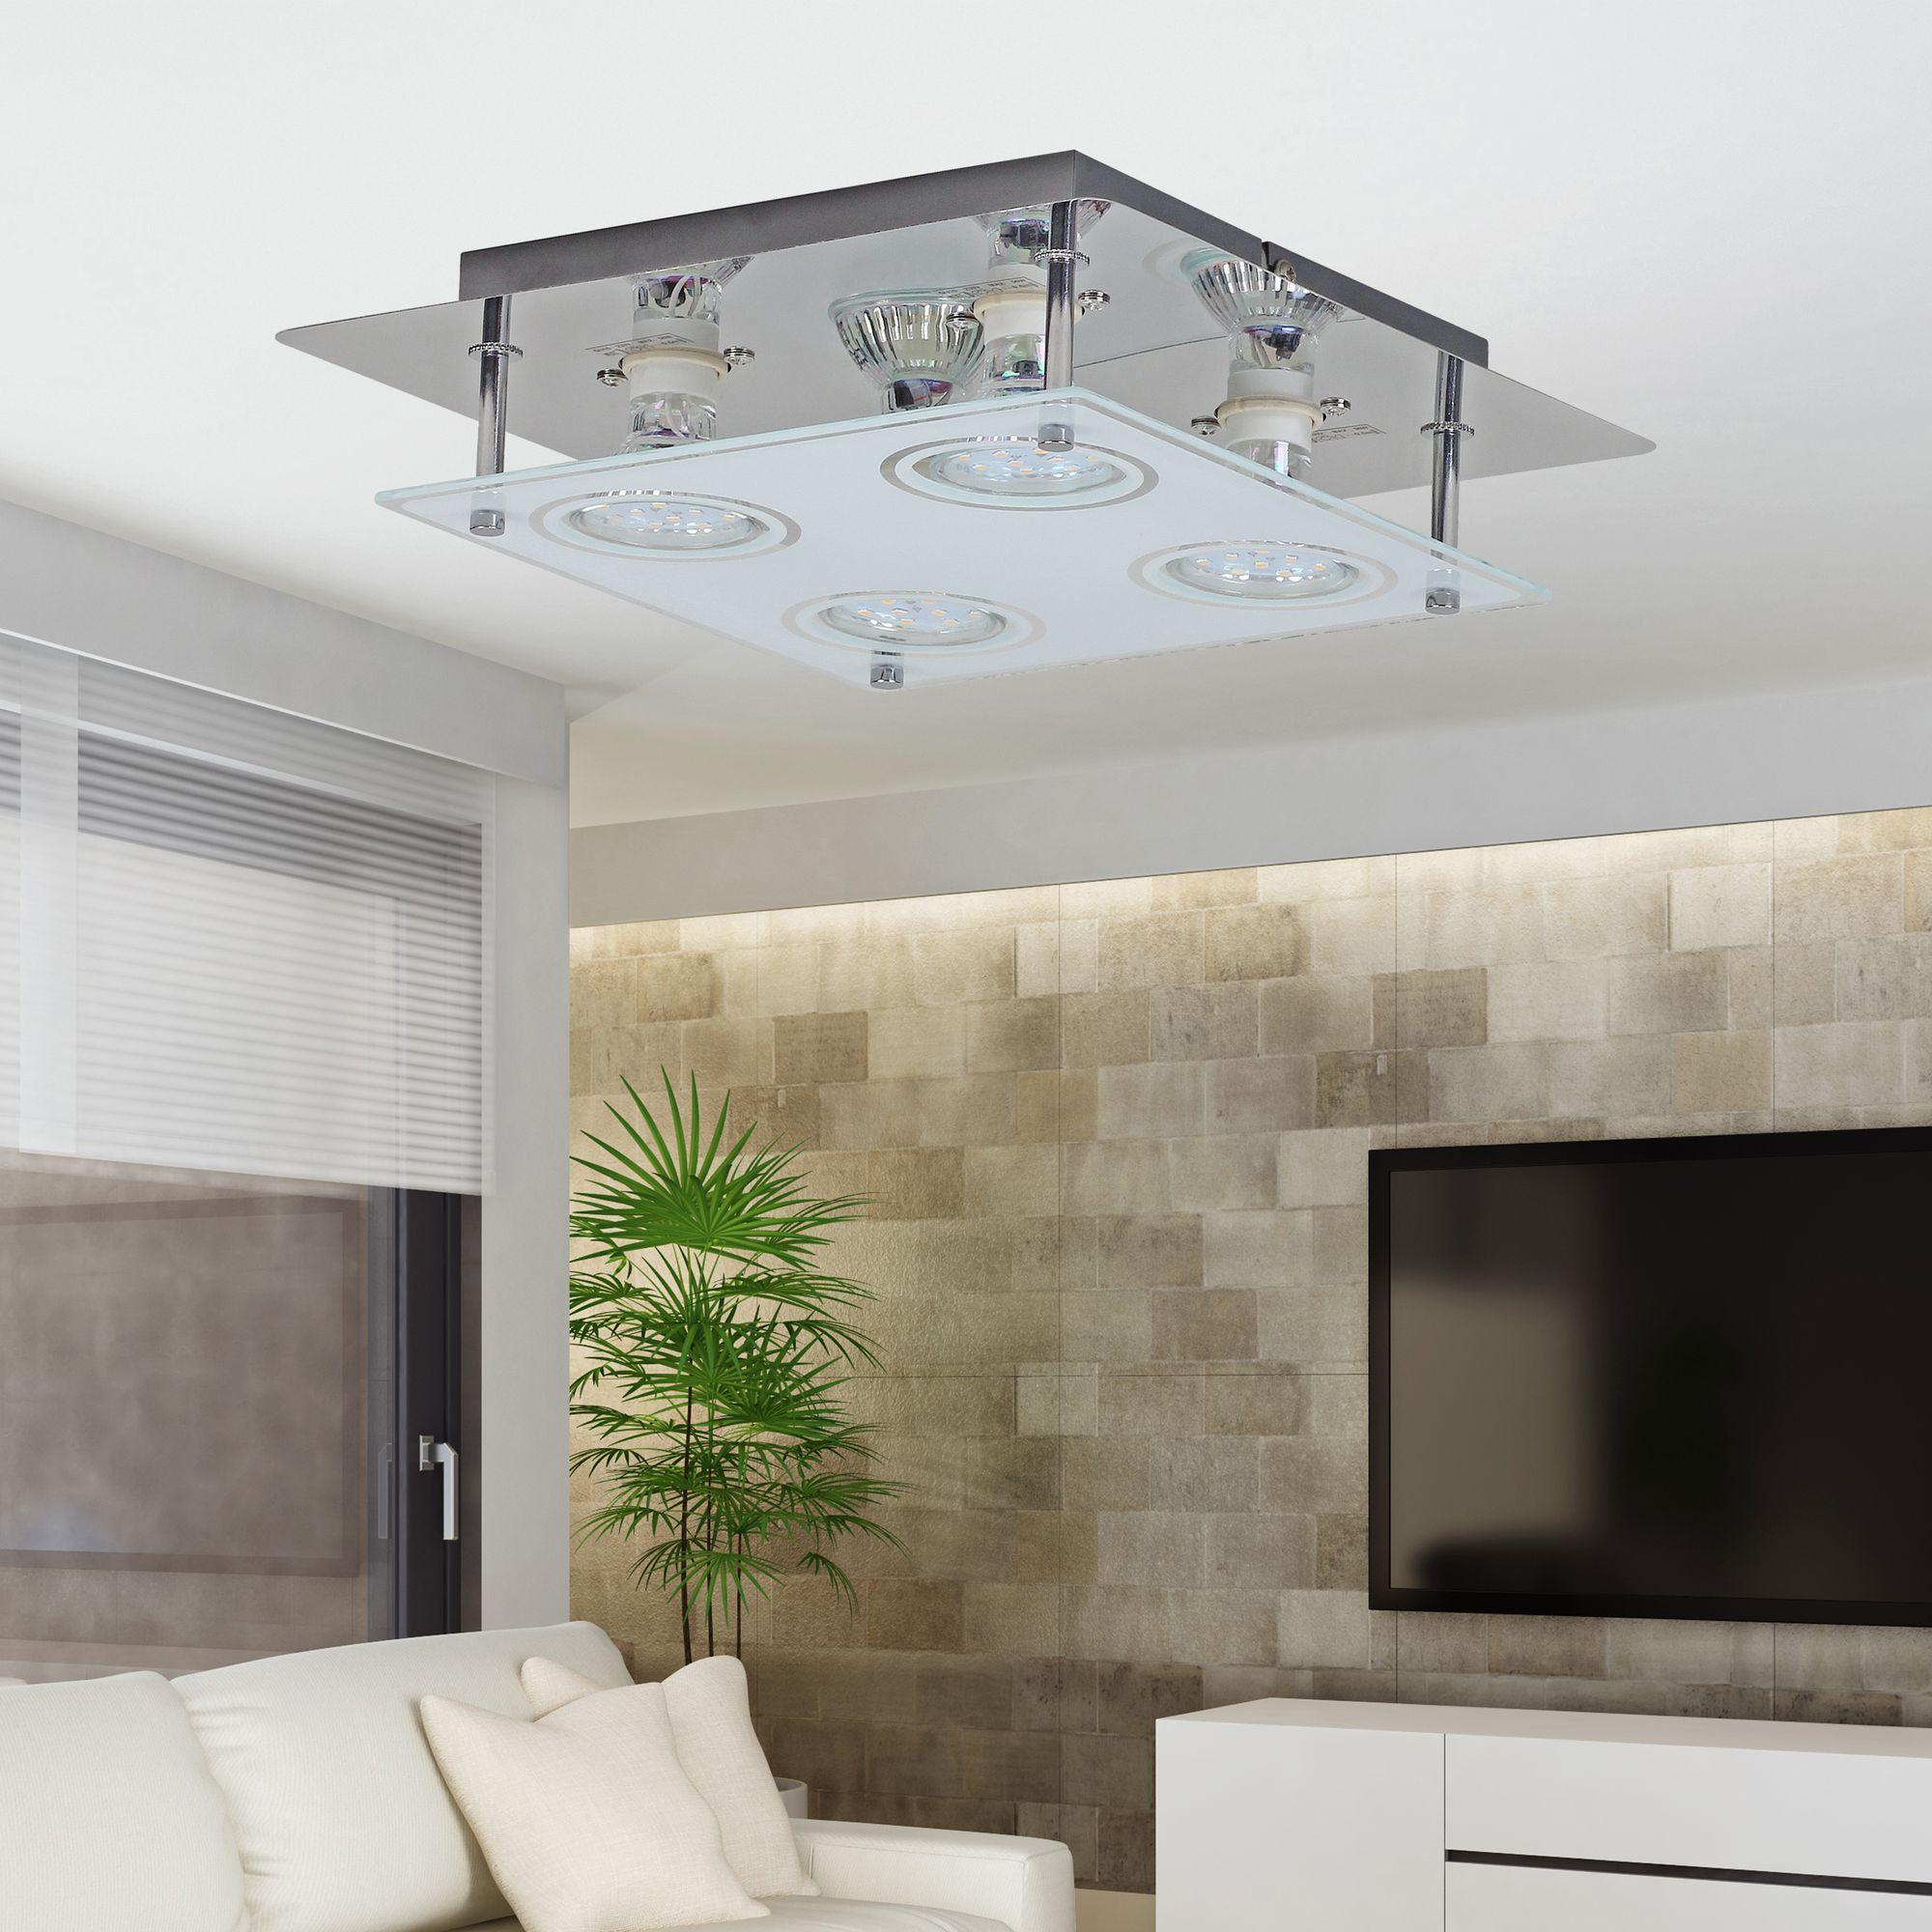 Full Size of Lampe Schlafzimmer Quadratische Led Deckenleuchte Wohnzimmer Lampen Küche Luxus Wandlampe Badezimmer Rauch Günstige Komplett Deko Truhe Wandleuchte Schlafzimmer Lampe Schlafzimmer